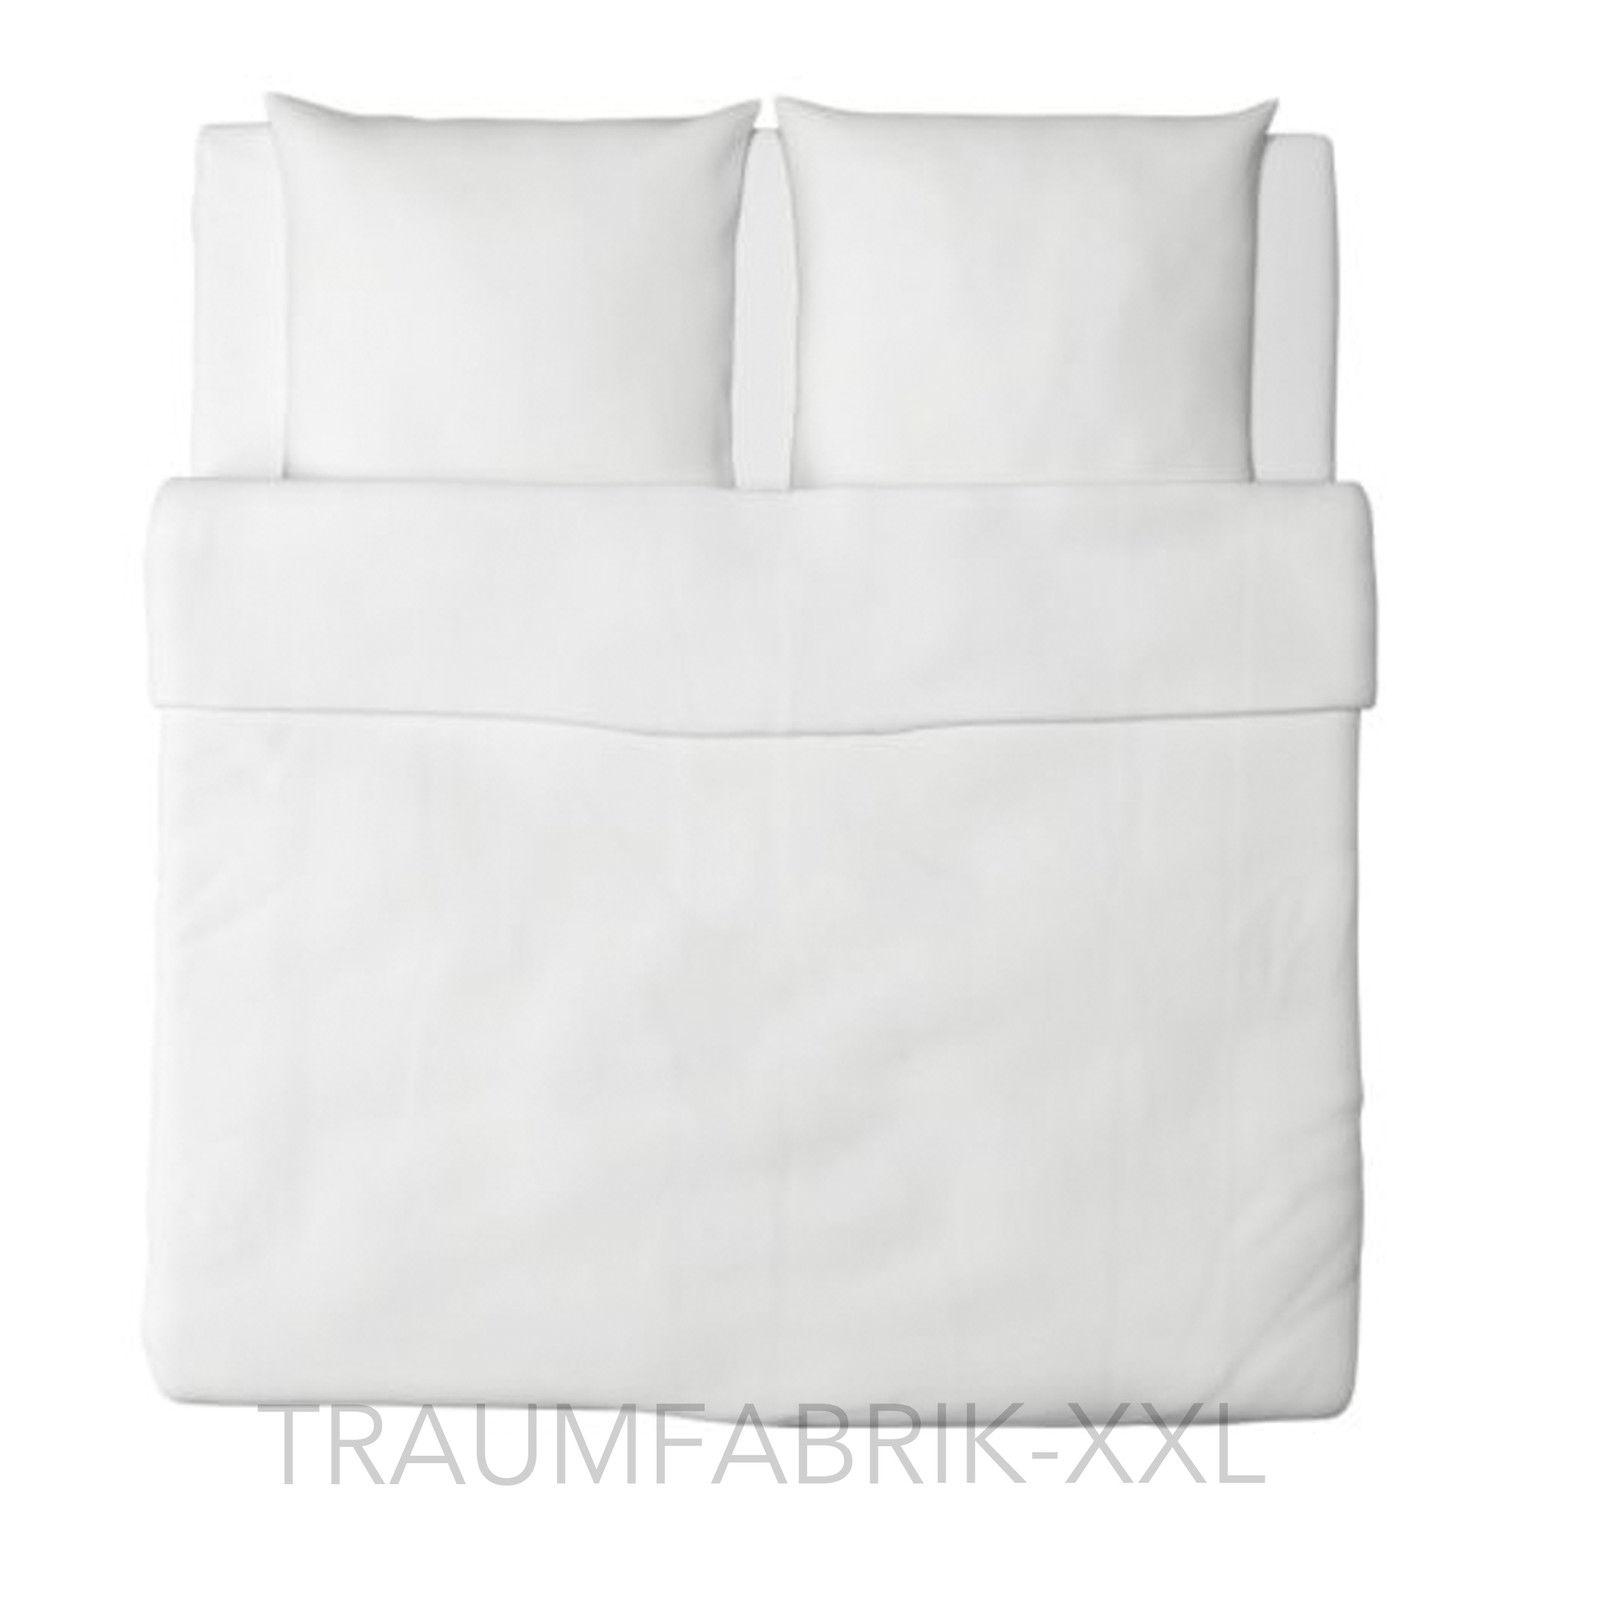 ikea bettw sche bettw scheset 3tlg weiss bettw schegarnitur bergr e 240 220 cm traumfabrik xxl. Black Bedroom Furniture Sets. Home Design Ideas